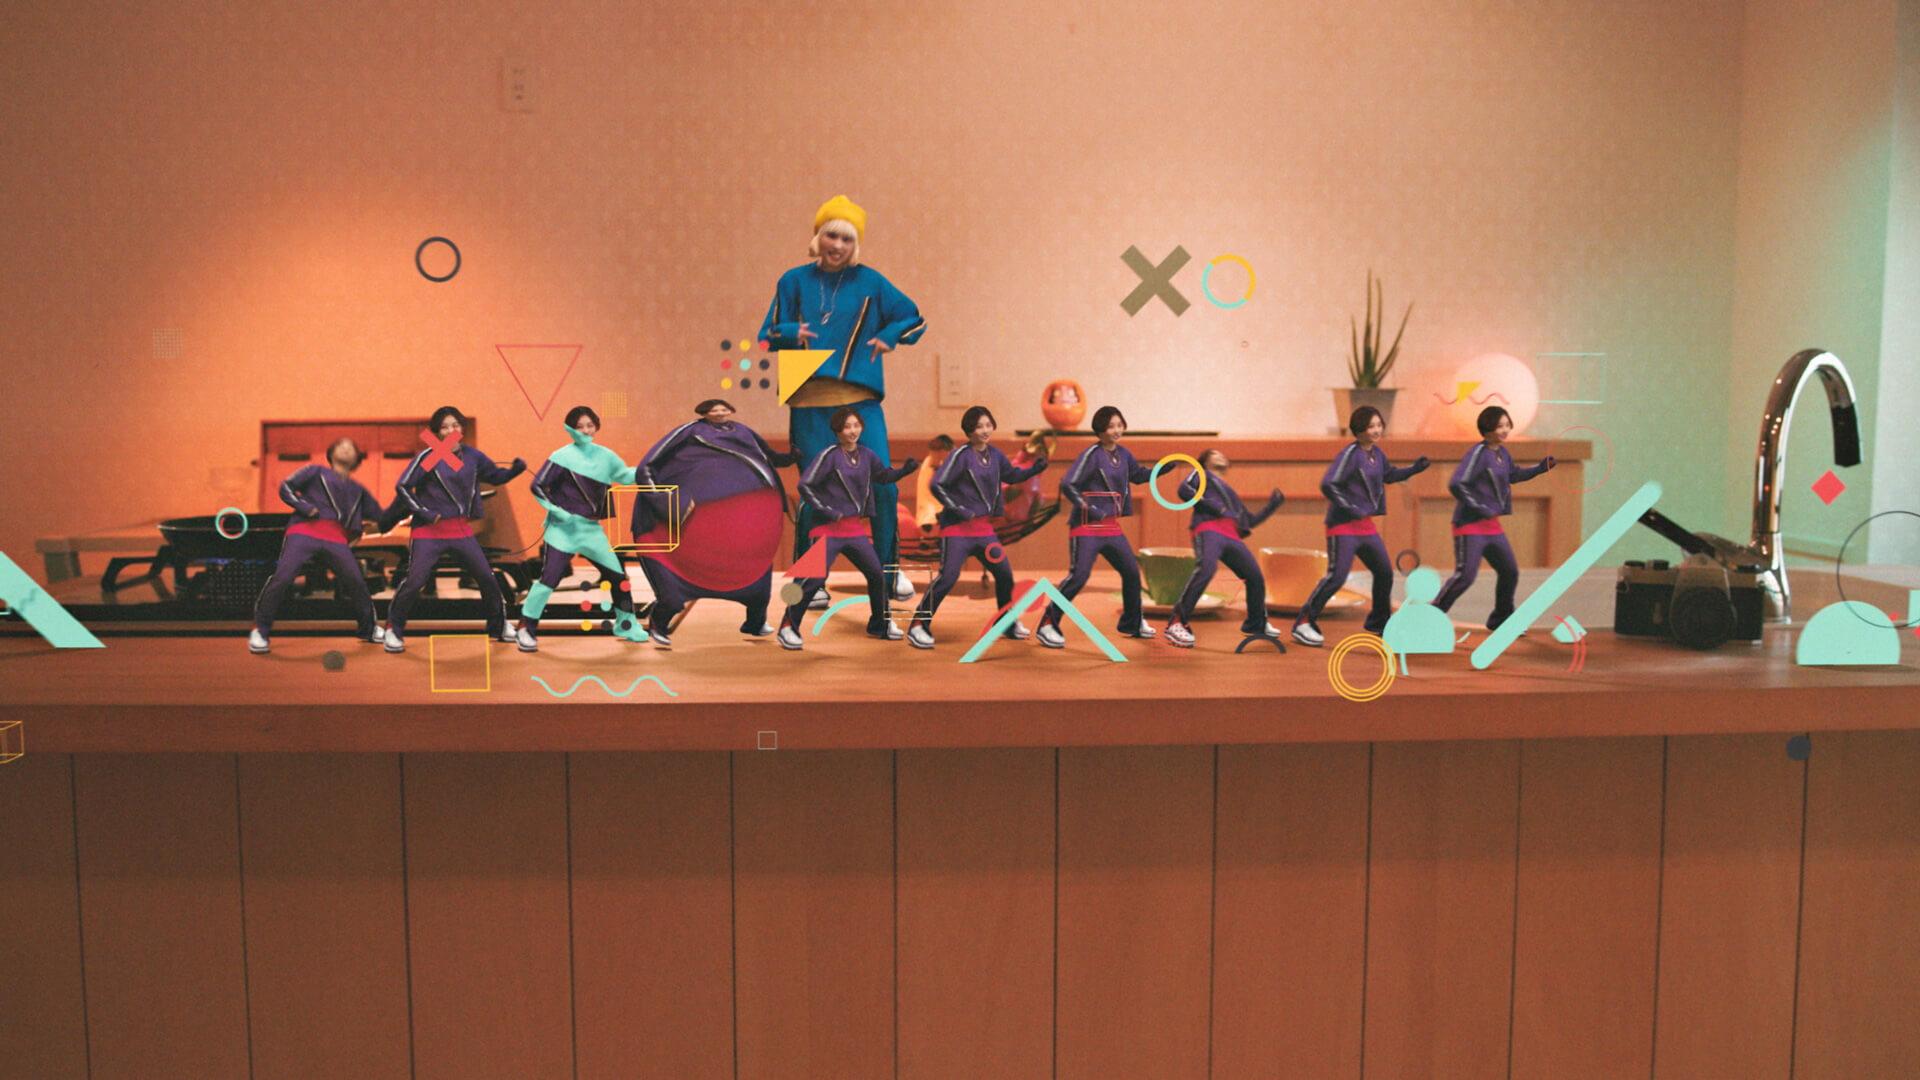 chelmico、アニメ『映像研には手を出すな!』主題歌「Easy Breezy」のMVを公開 music200119_chelmico_2